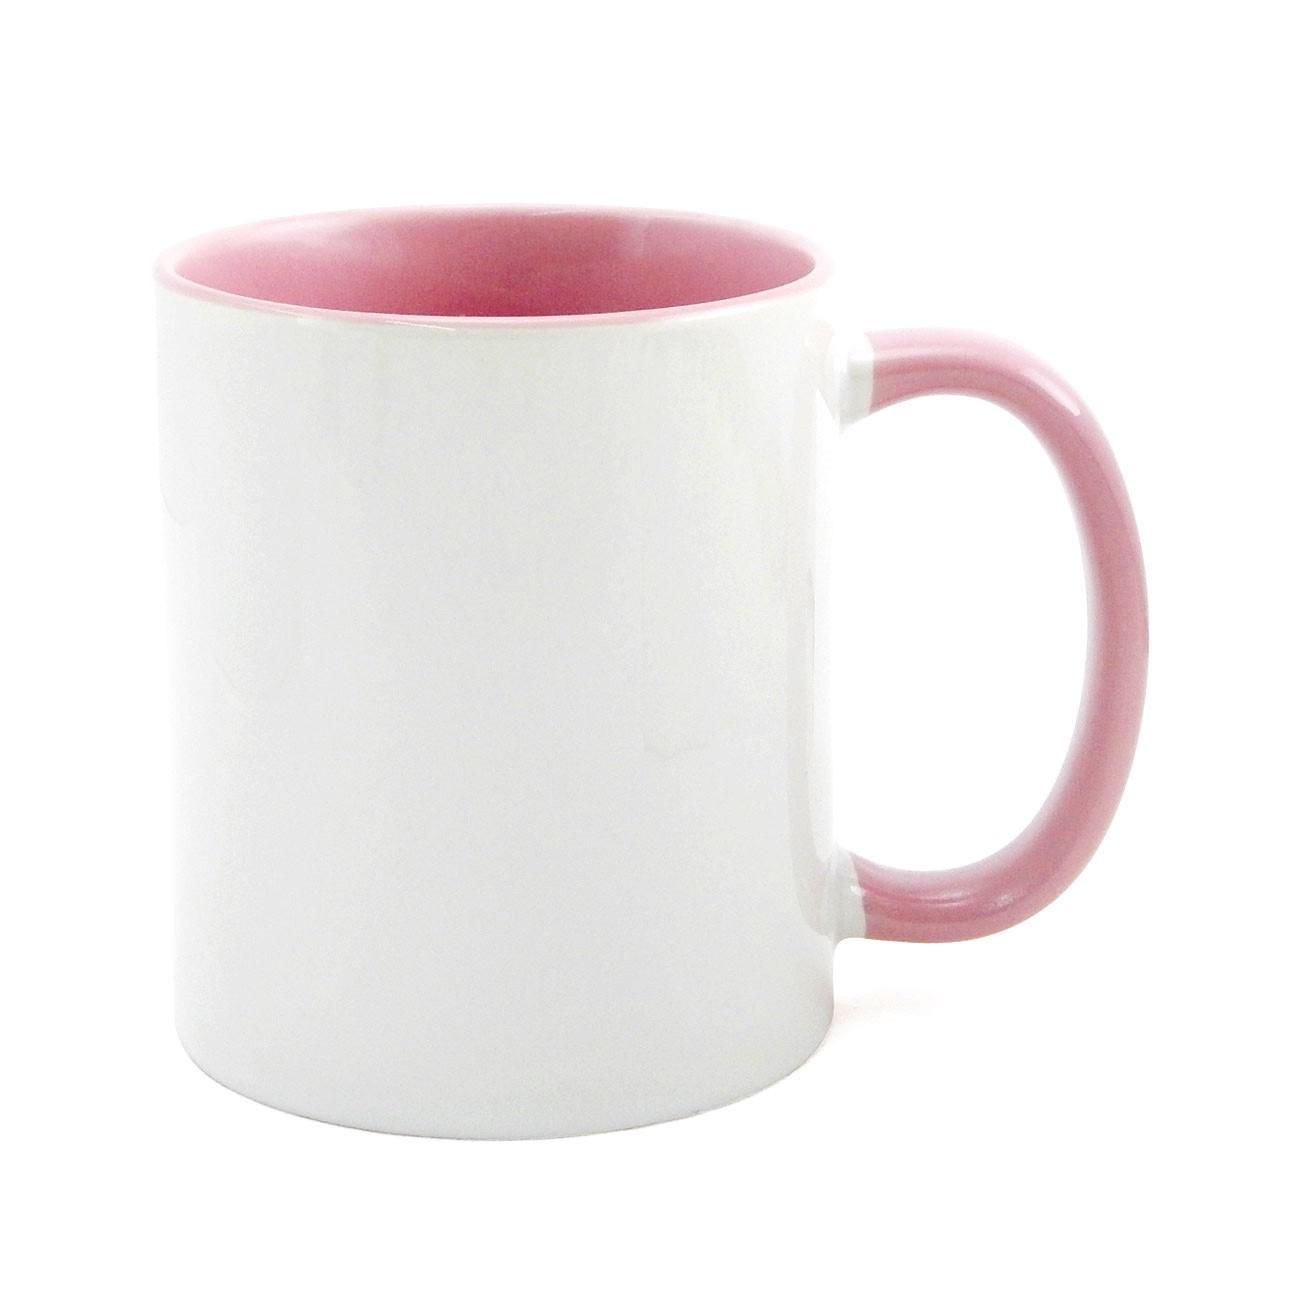 Caneca de Cerâmica Branca com Interior e Alça Colorida para Sublimação - Rosa